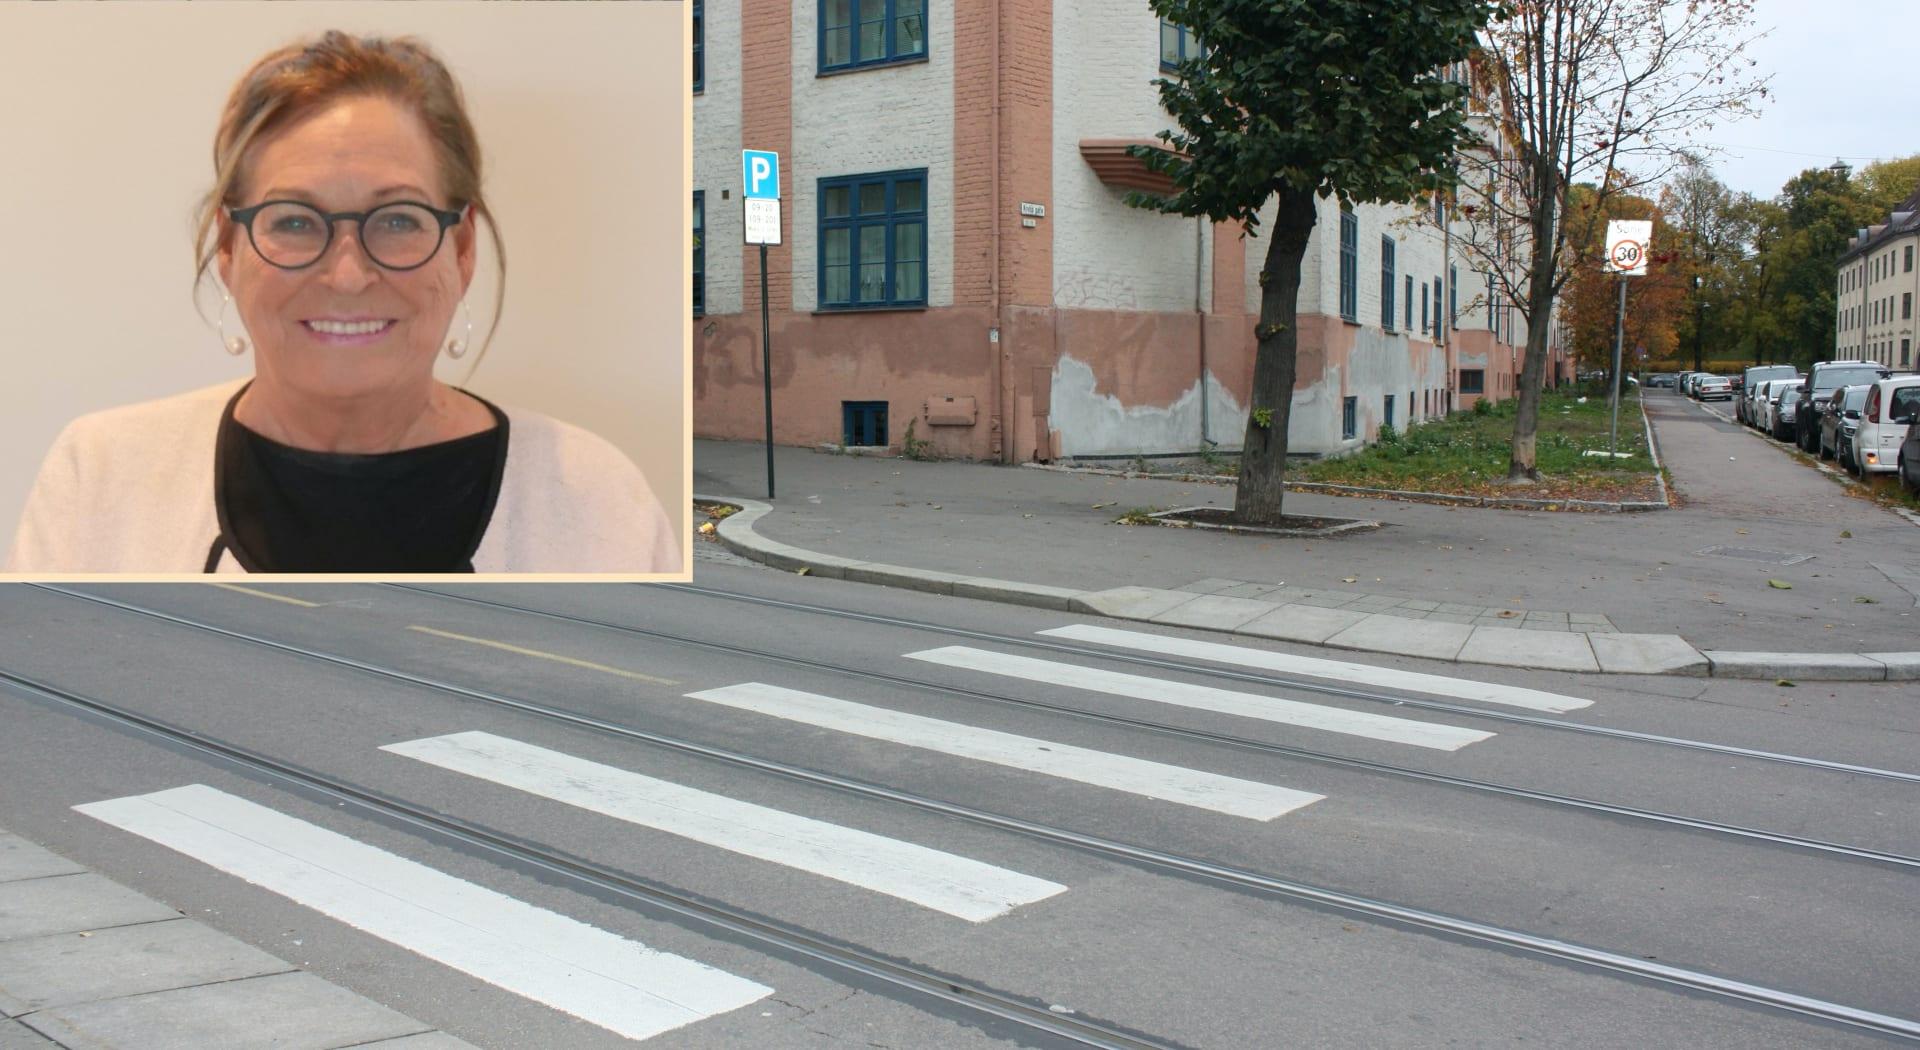 Advokat Anne Grethe Kjelland hjalp kvinnen som ble påkjørt i fotgjengerfeltet få erstatning.